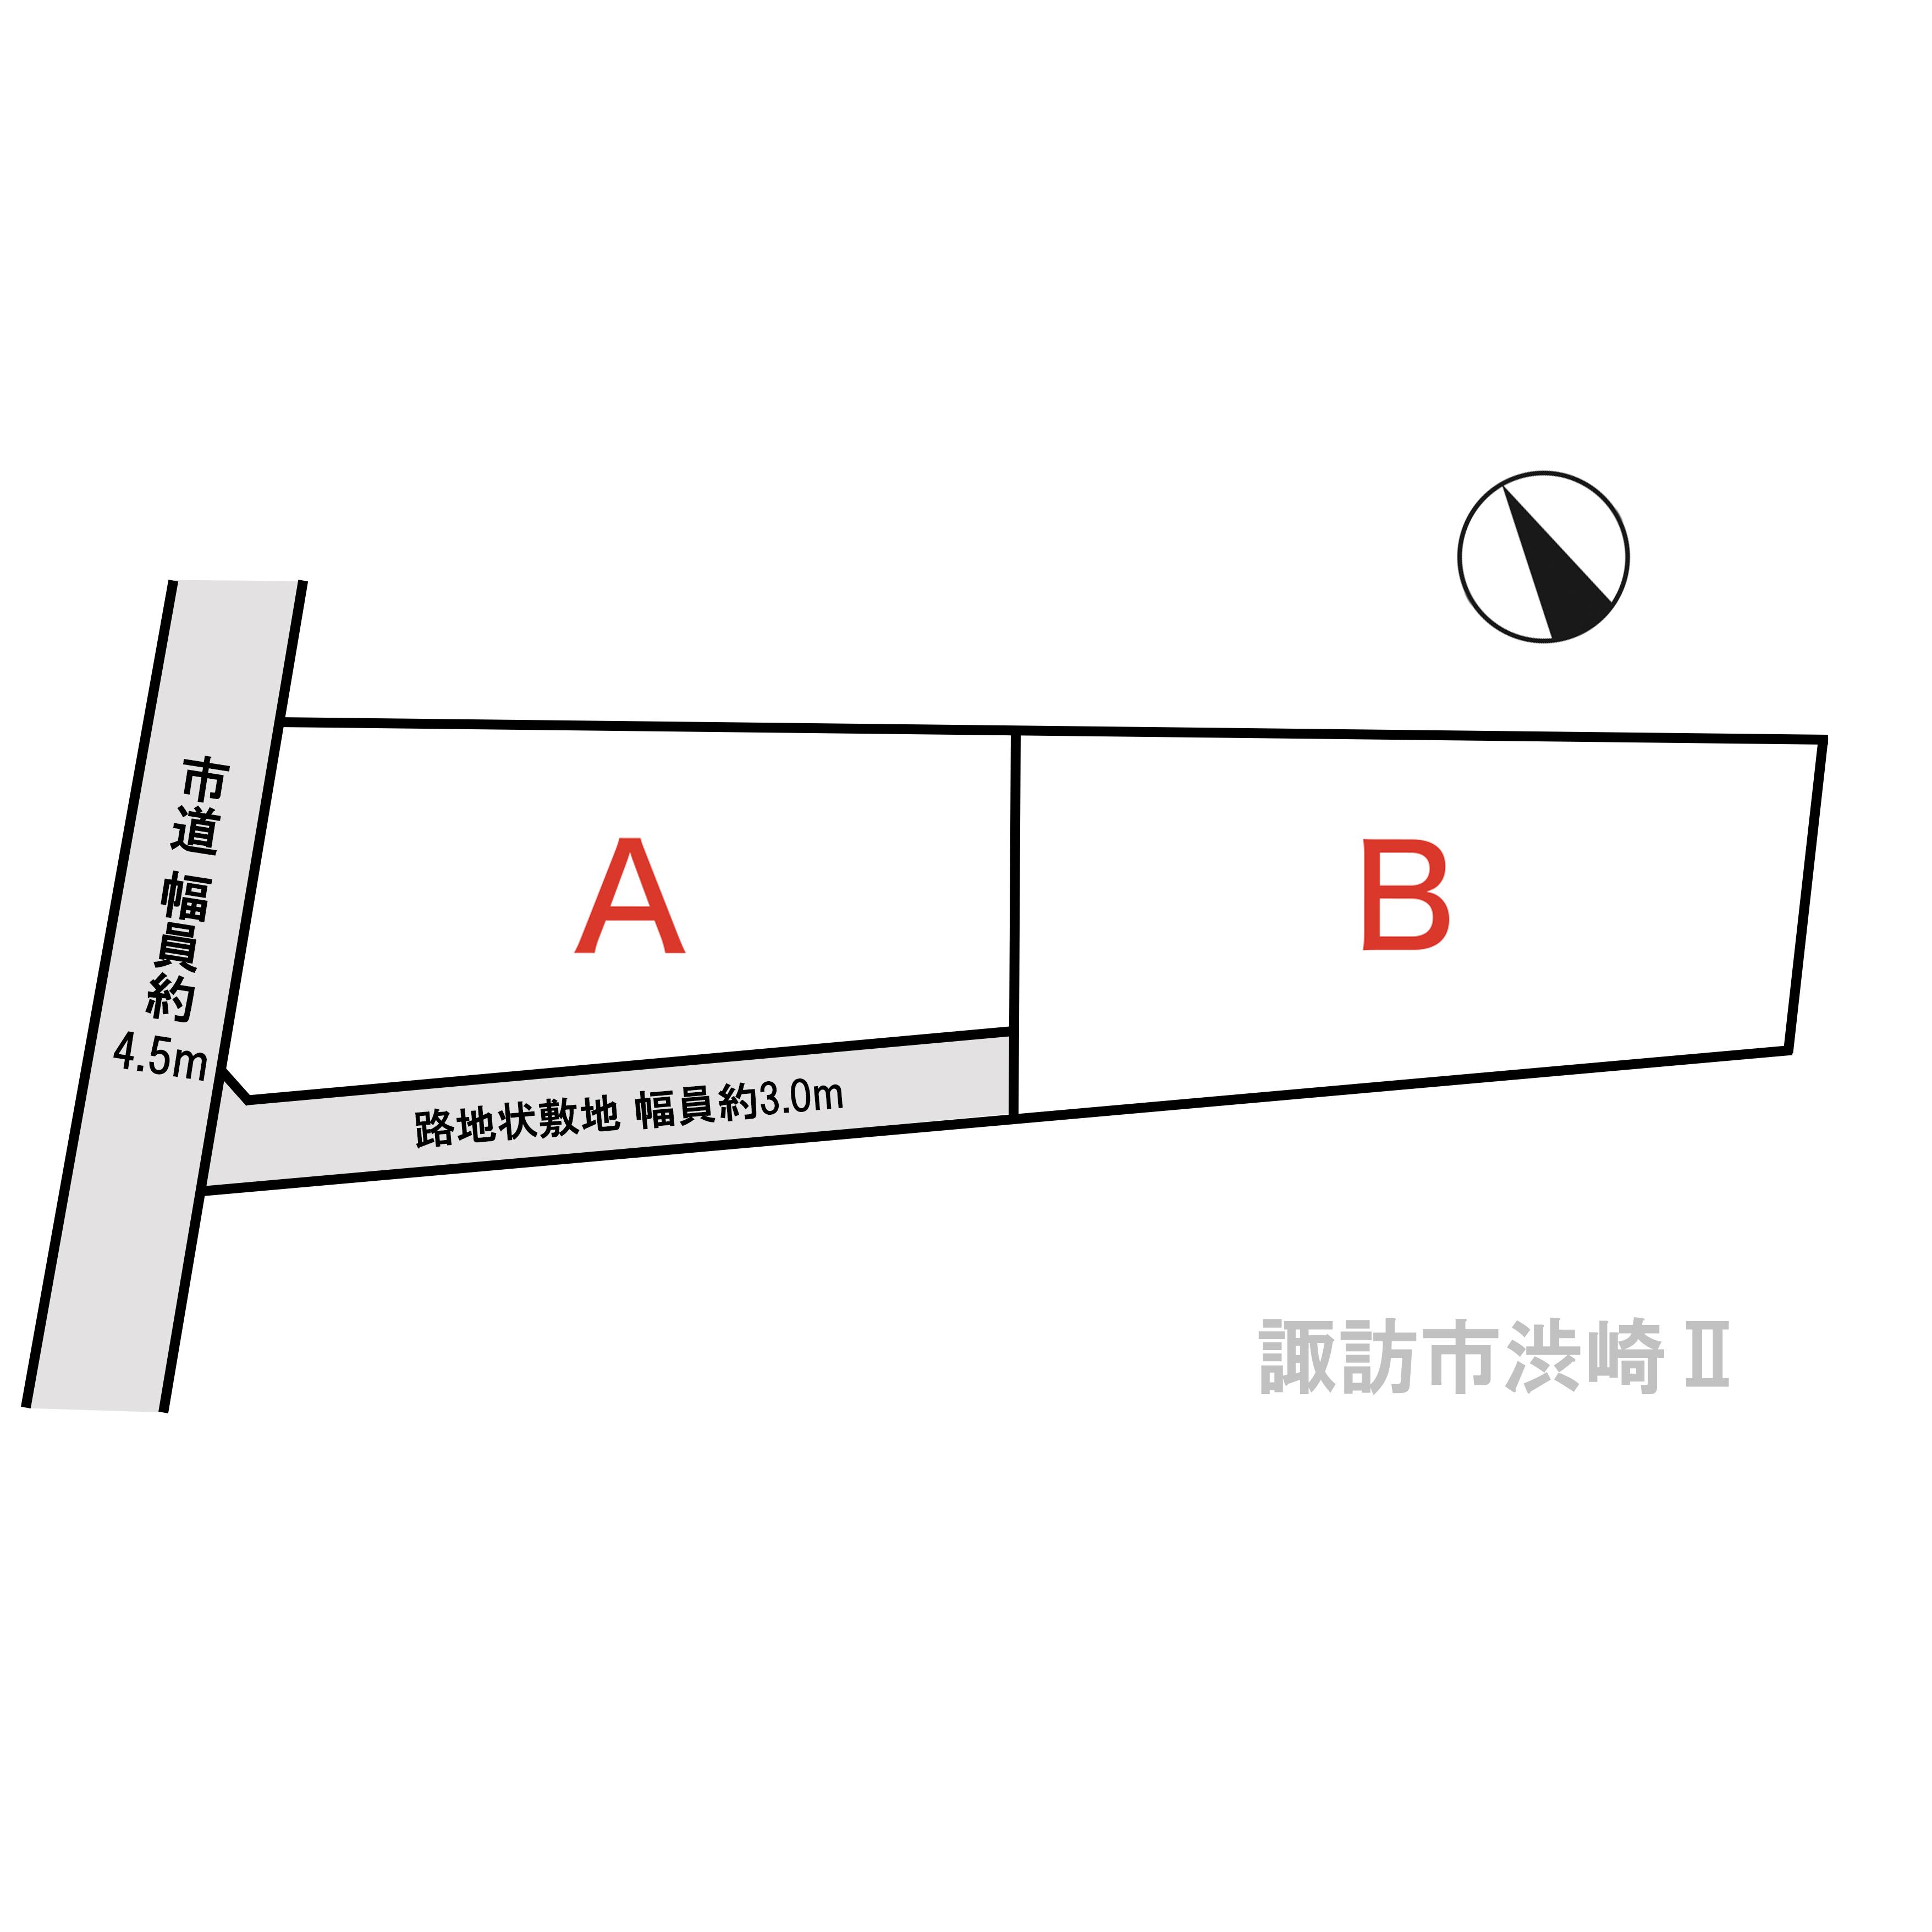 諏訪市 渋崎Ⅱ期のアイキャッチ画像